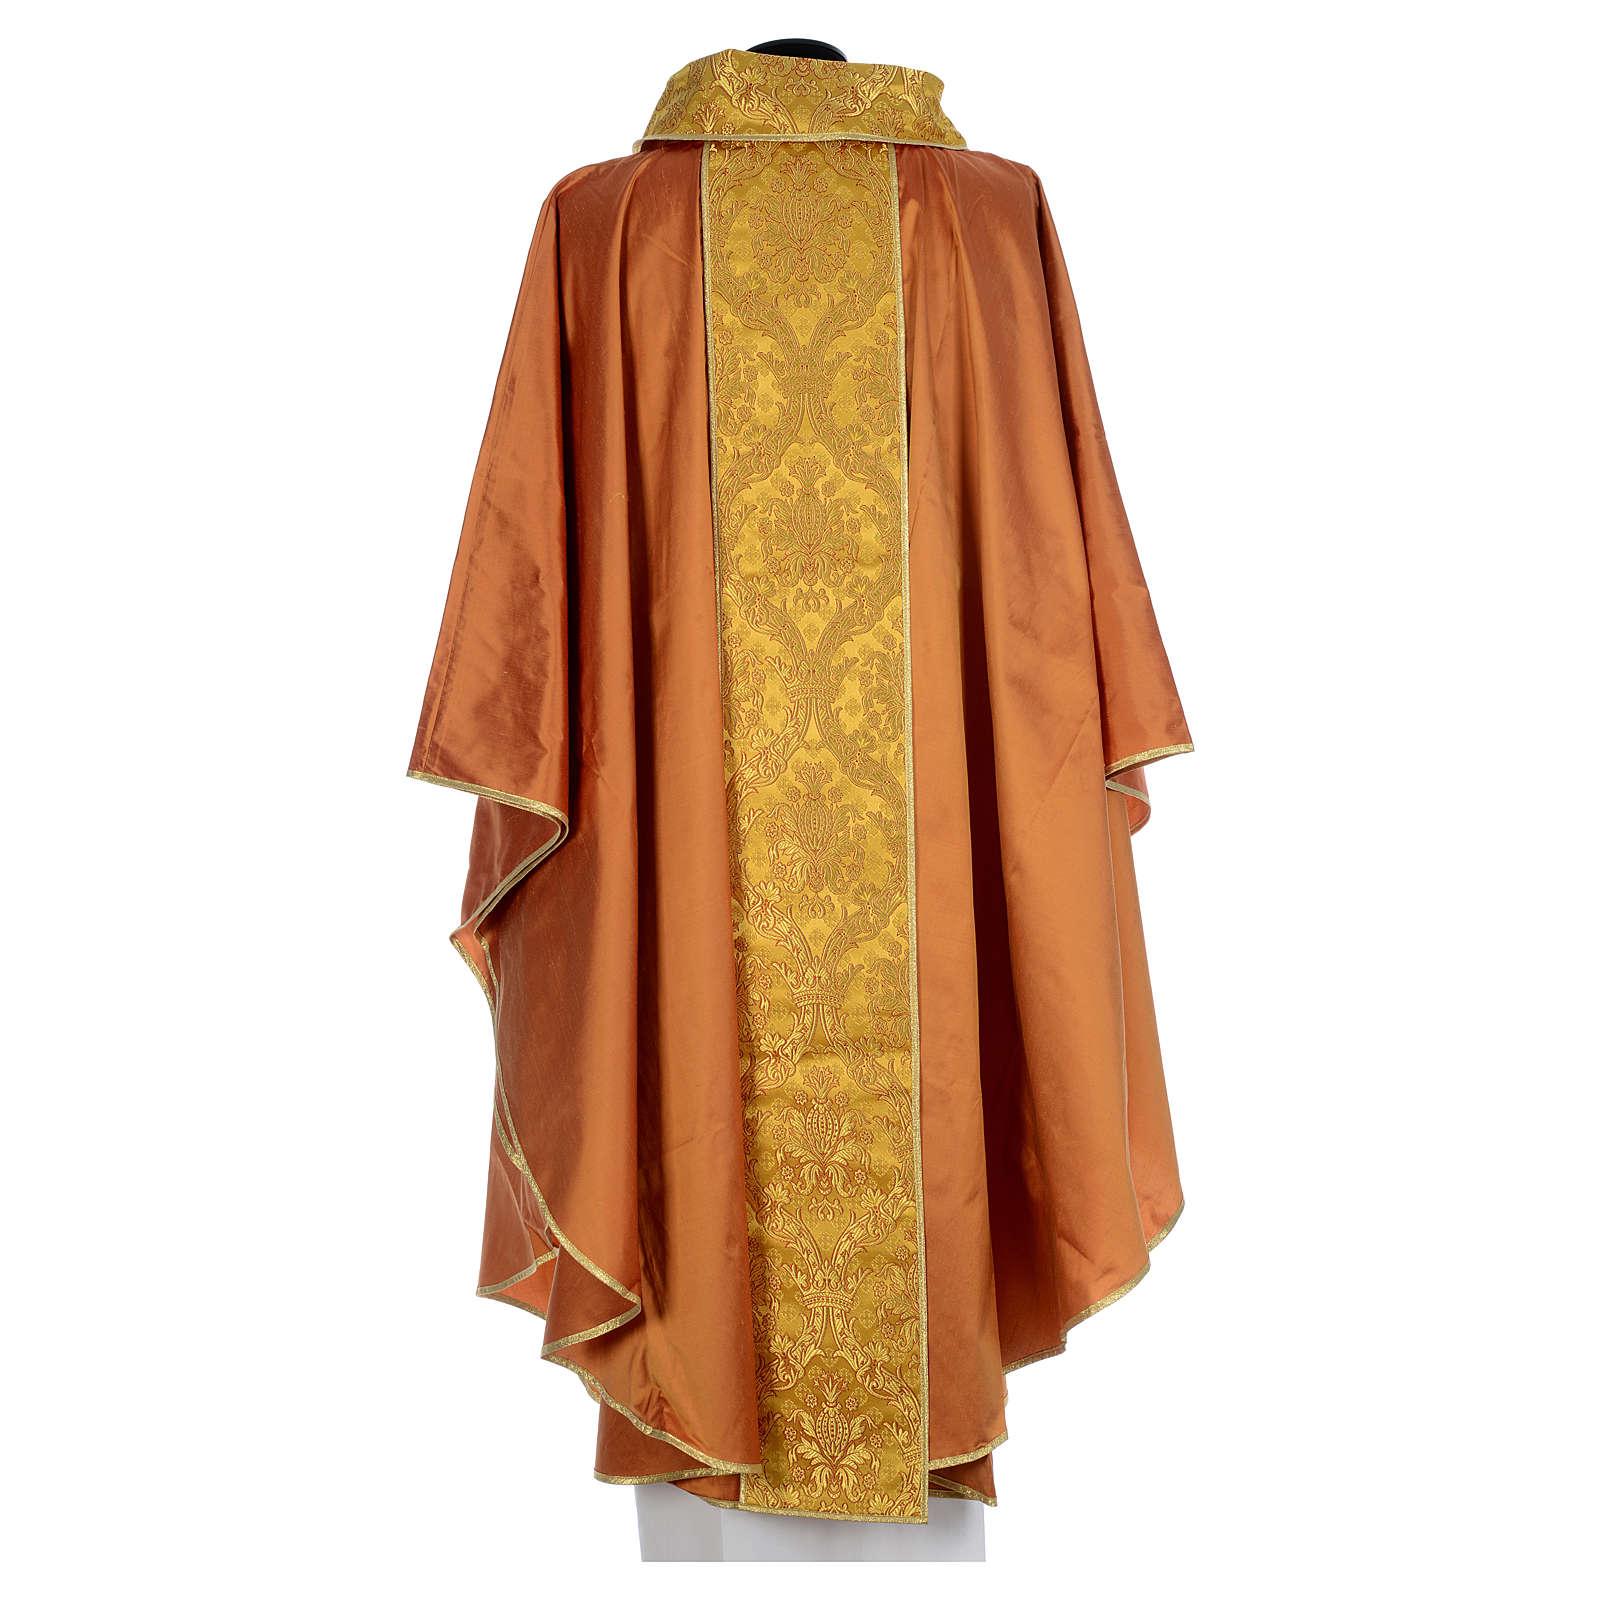 Casulla sacerdotal seda oro 100% bordado dorado 4